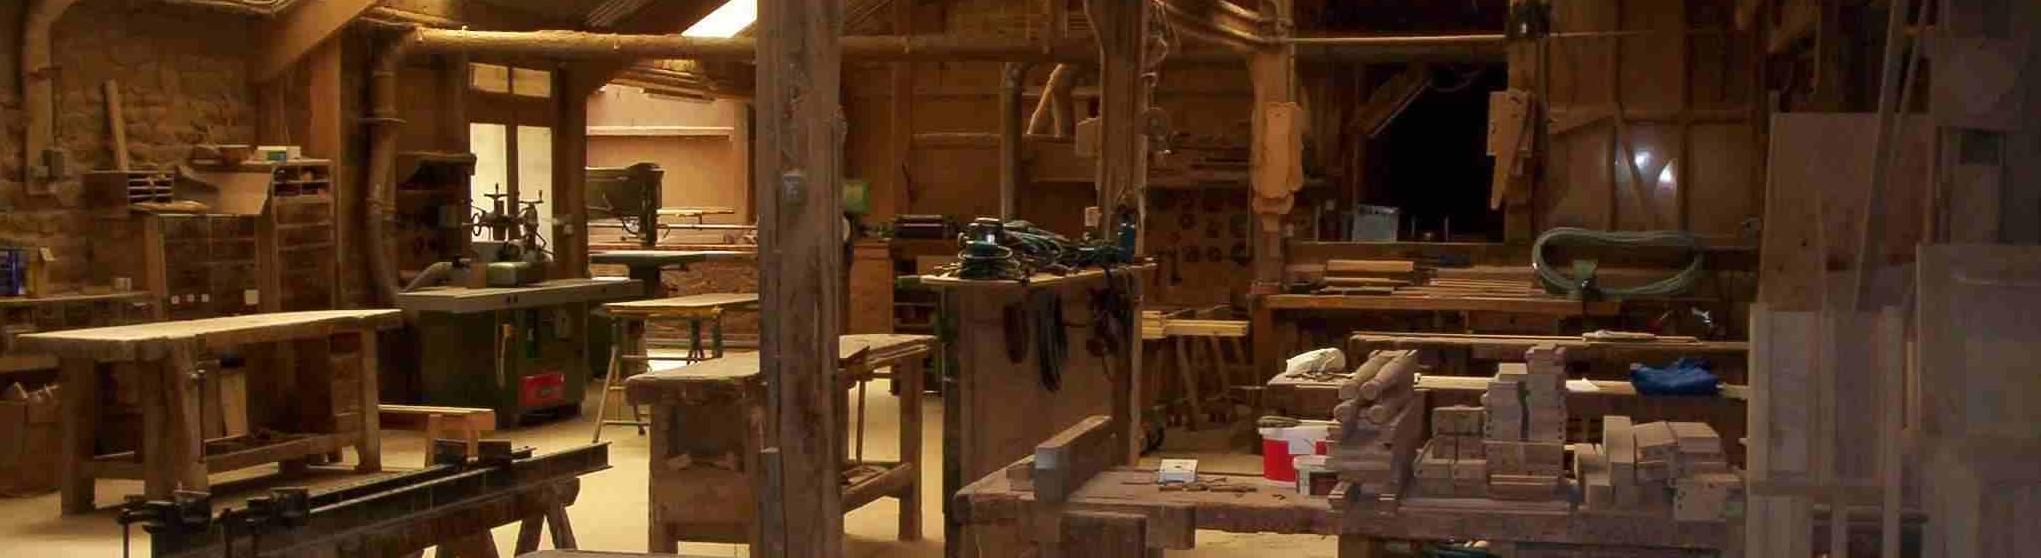 Meubles jean luc prioul fabrique artisanal de meubles - Formation restauration de meubles ...